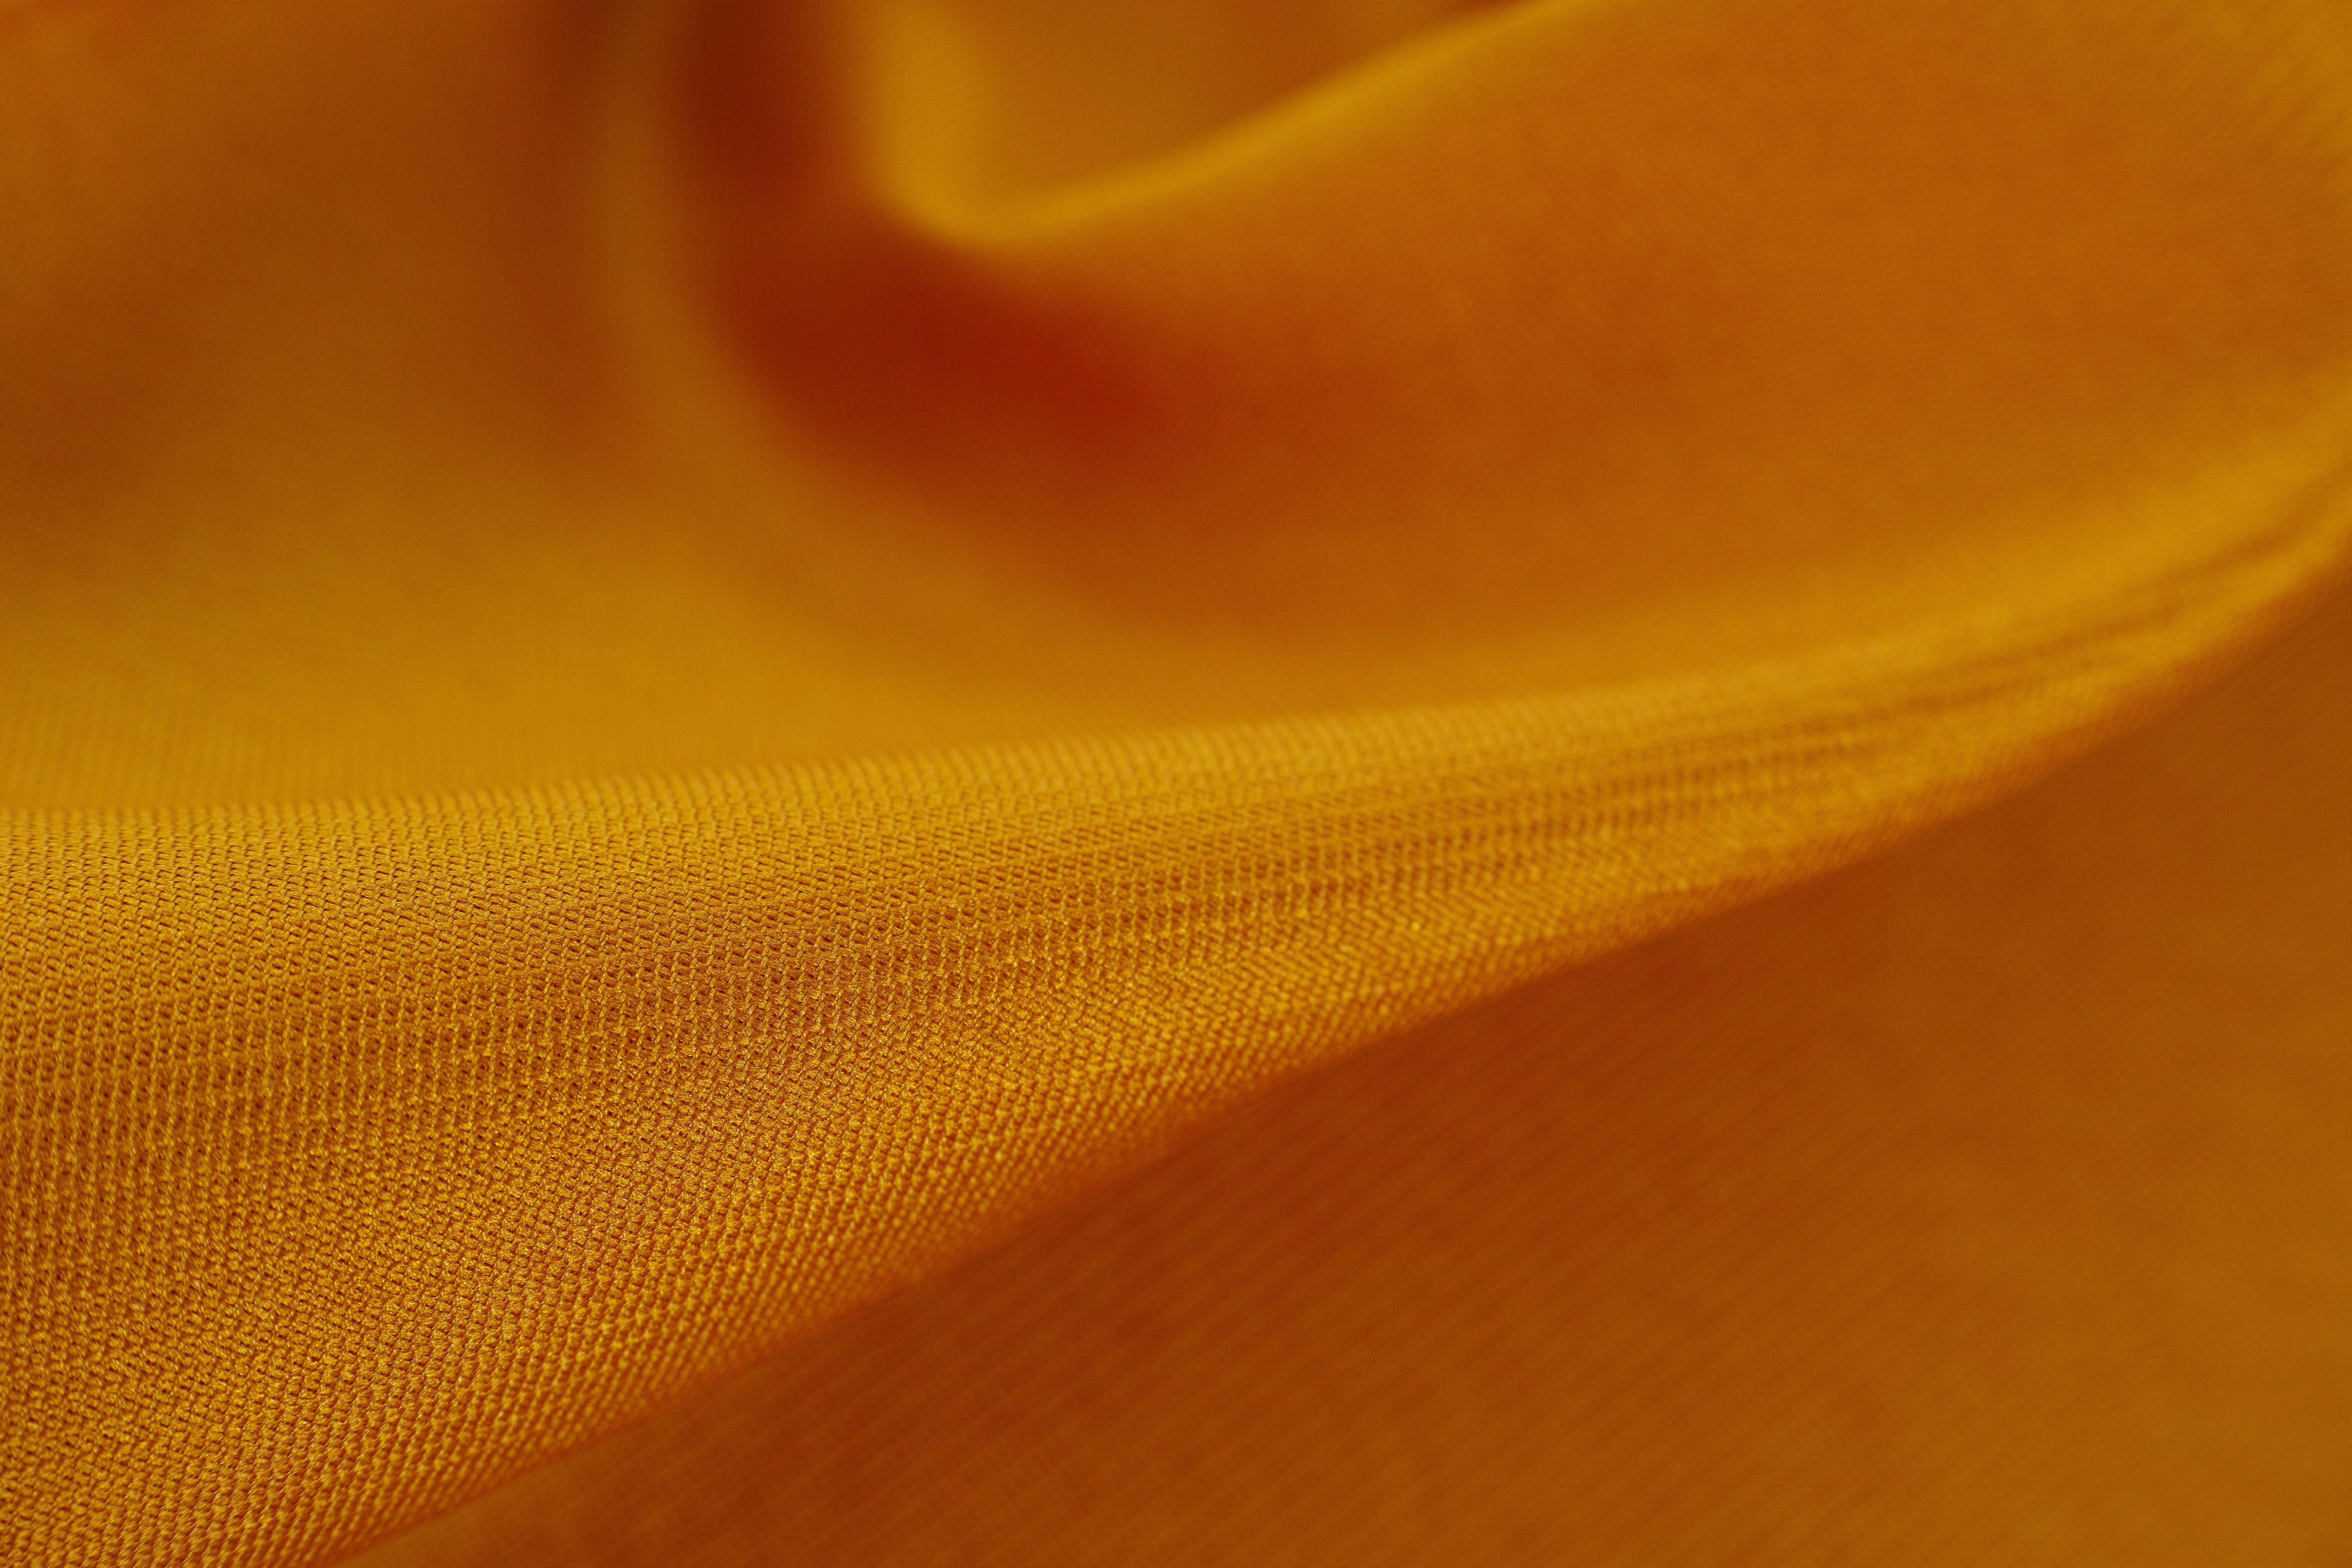 Gratis lagerfoto af overflade, tekstil, tekstur